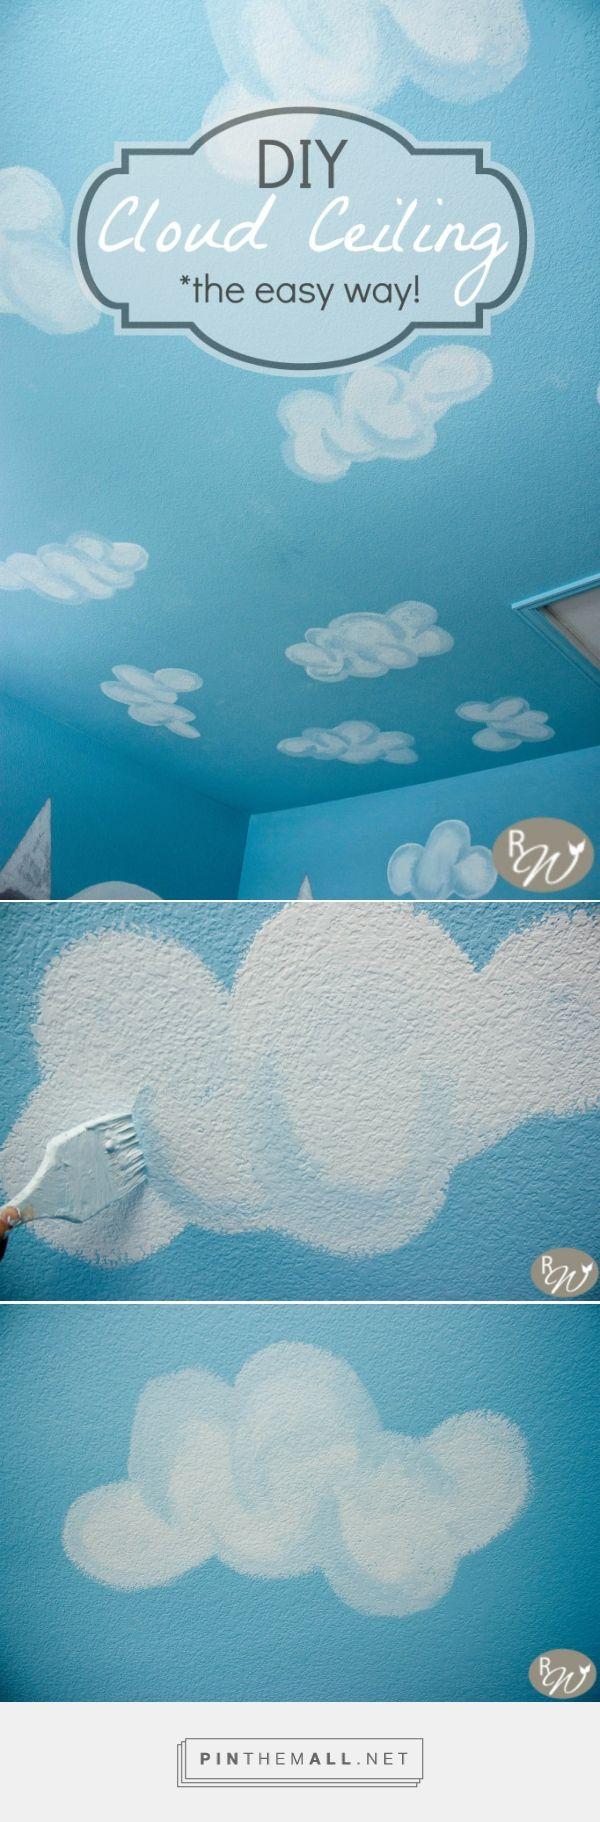 DIY Cloud Ceilingthe easy way Cloud ceiling, Clouds